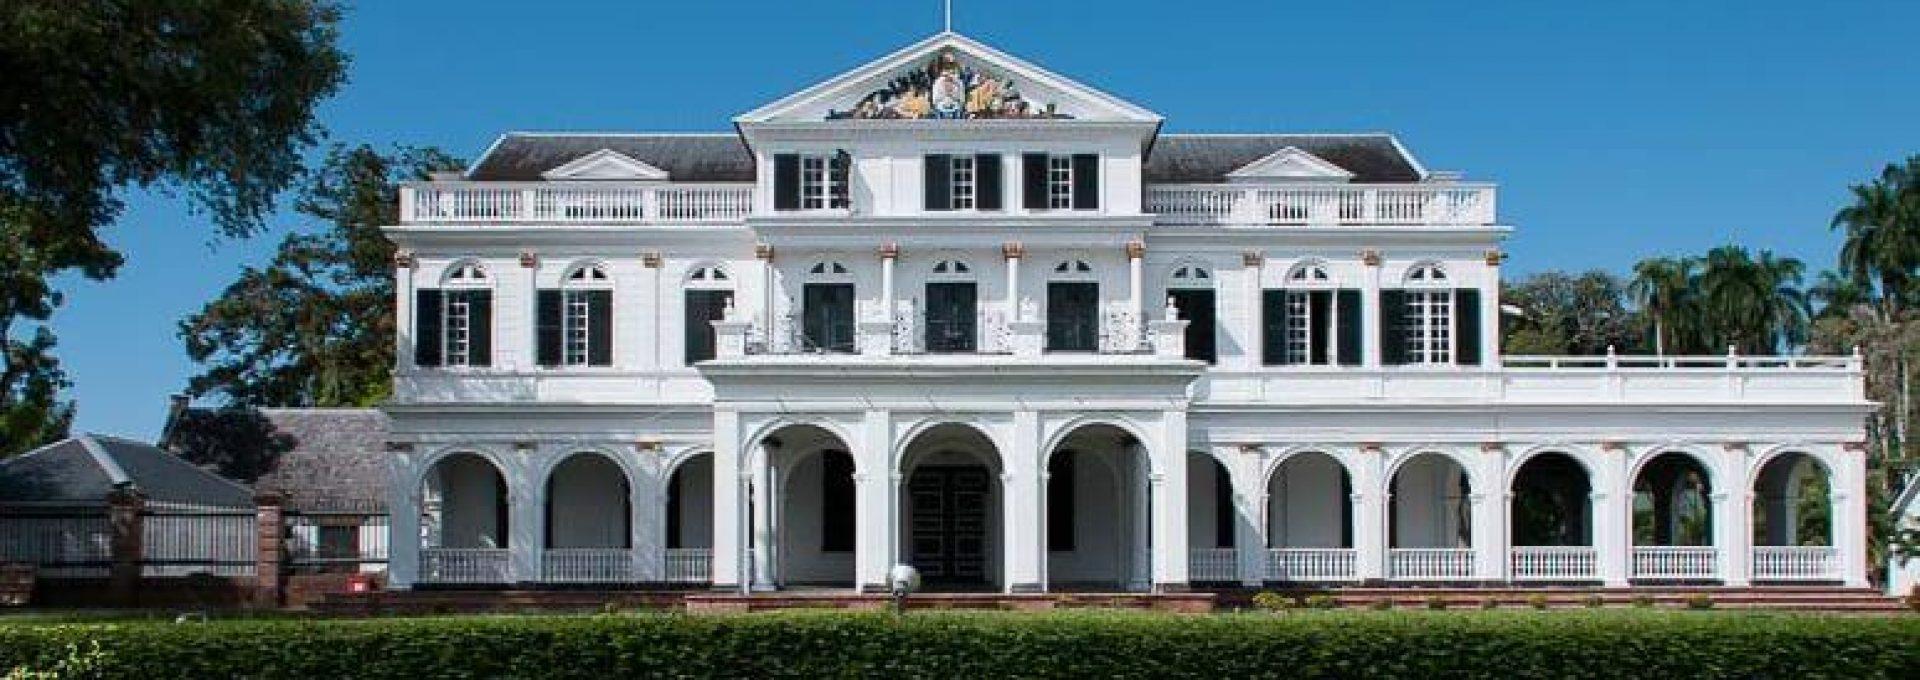 Suriname Tourism Board